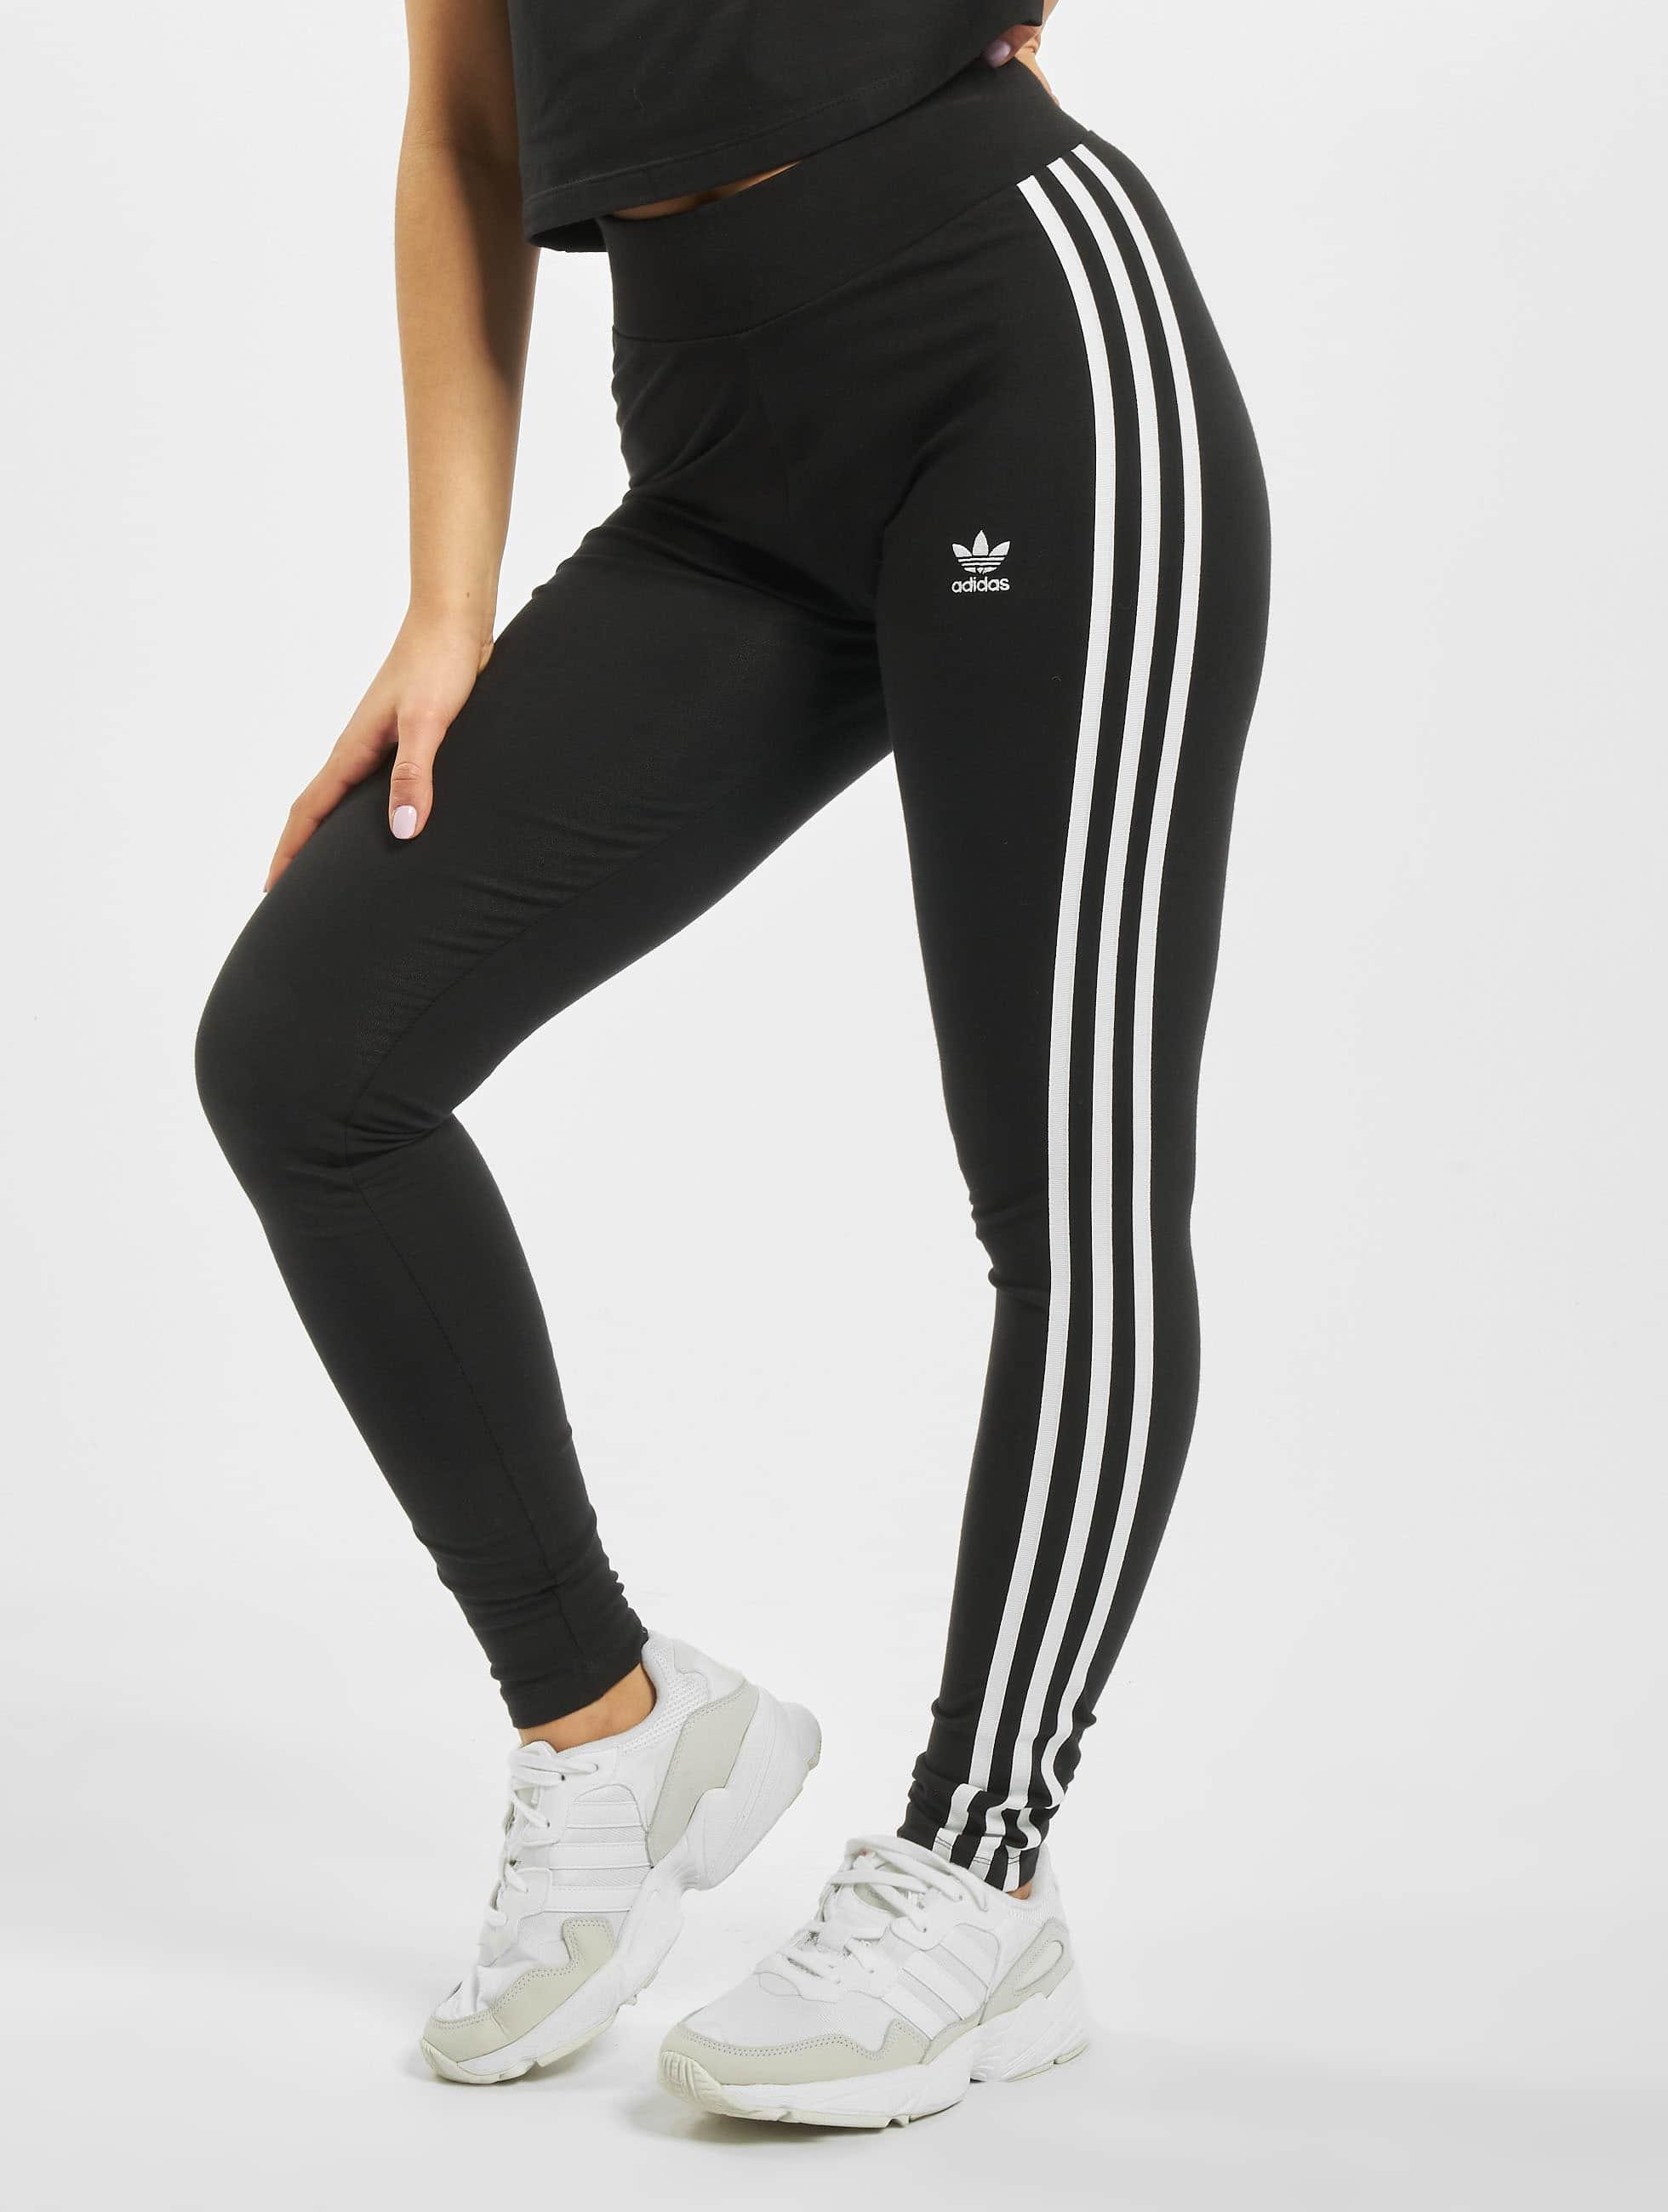 adidas Herren Tight Sporthose 3 Stripes schwarz